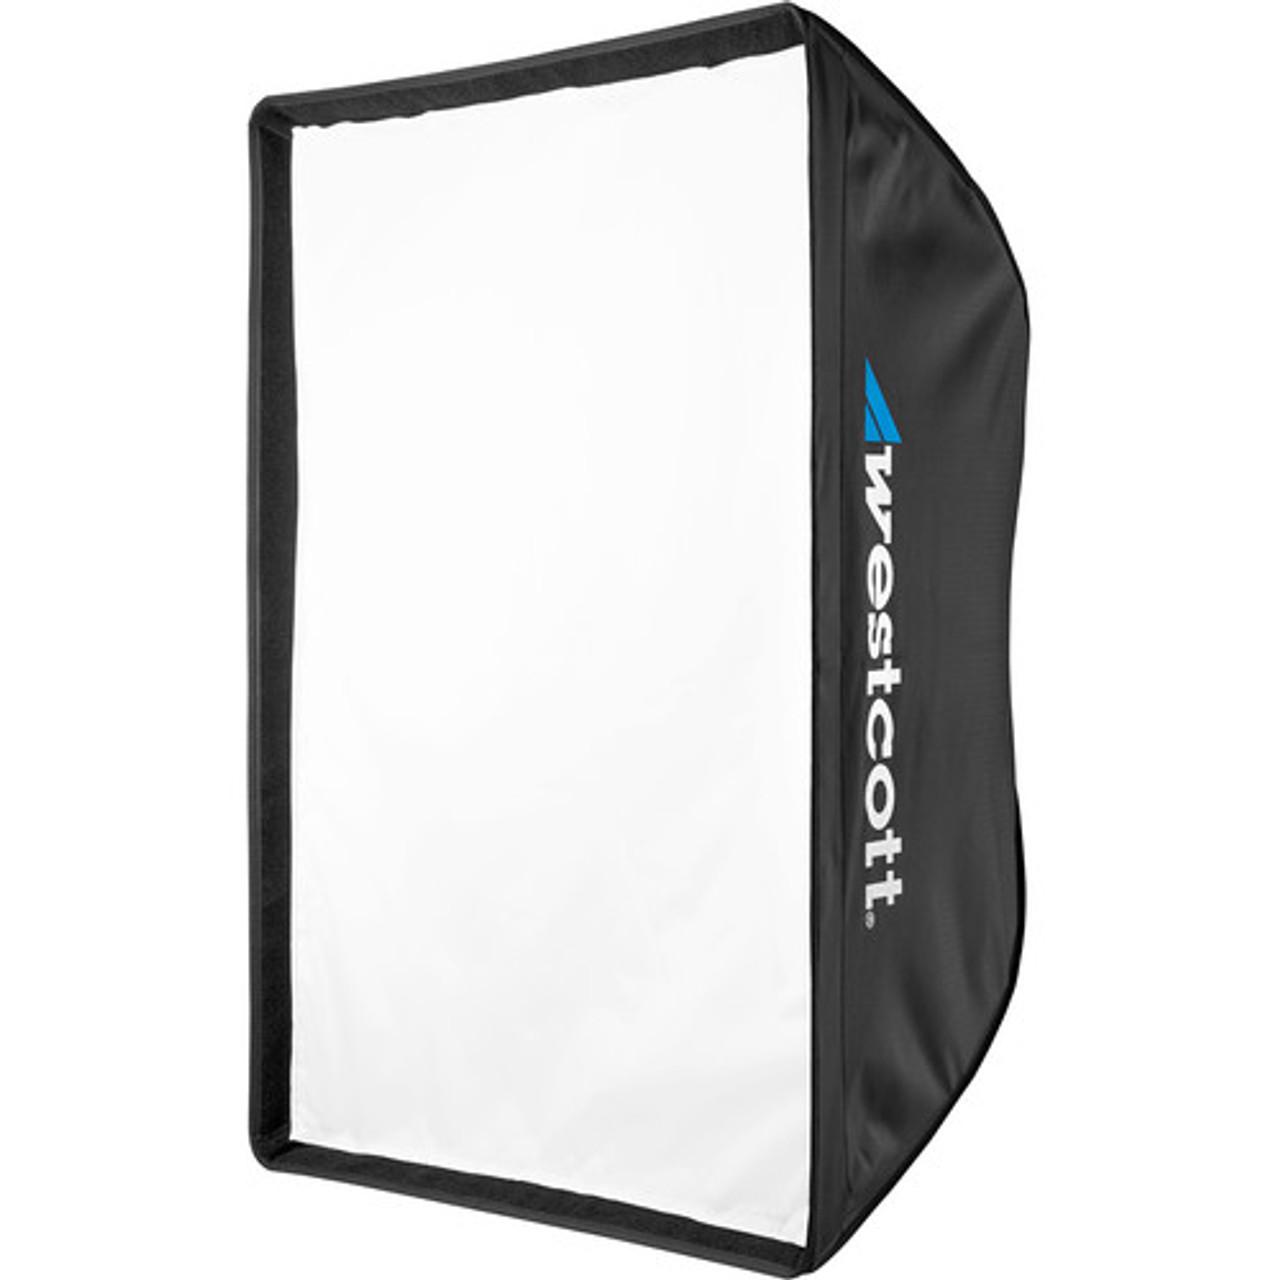 Westcott Rapid Box Switch Softbox 2 x 3